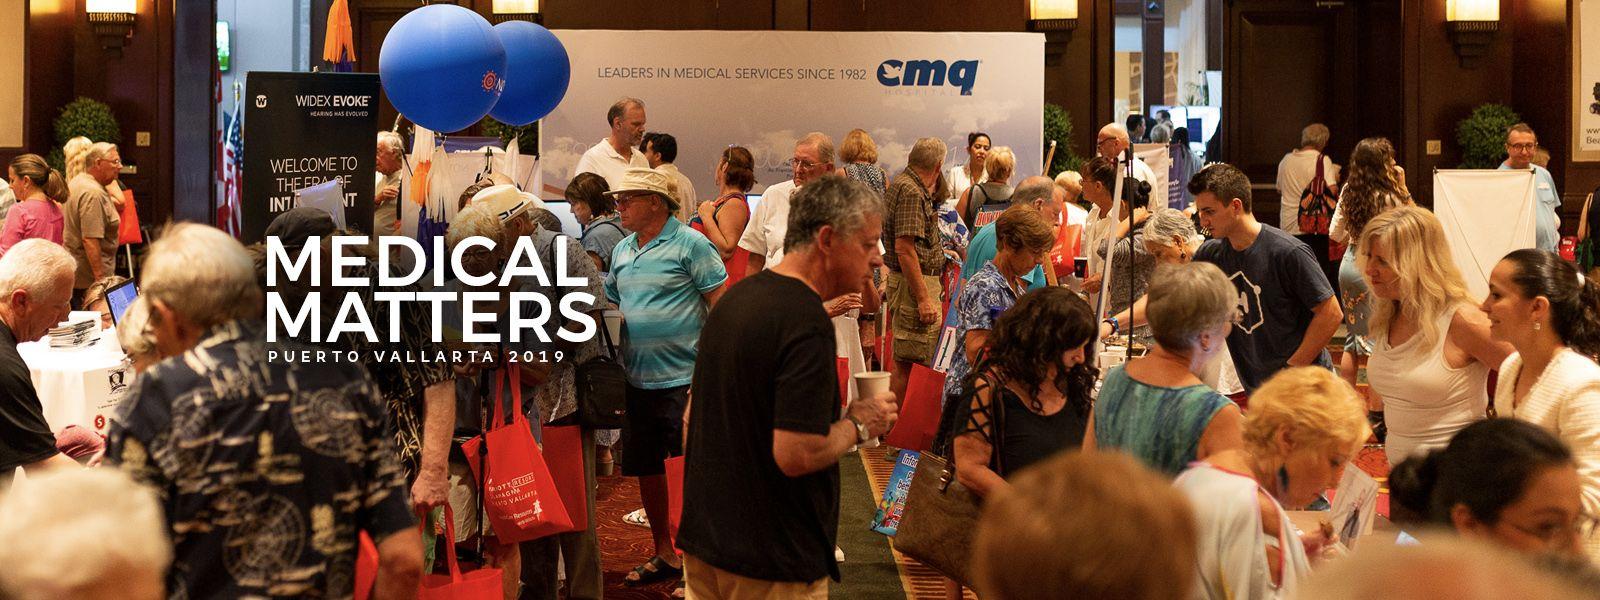 Medical Matters Puerto Vallarta 2019